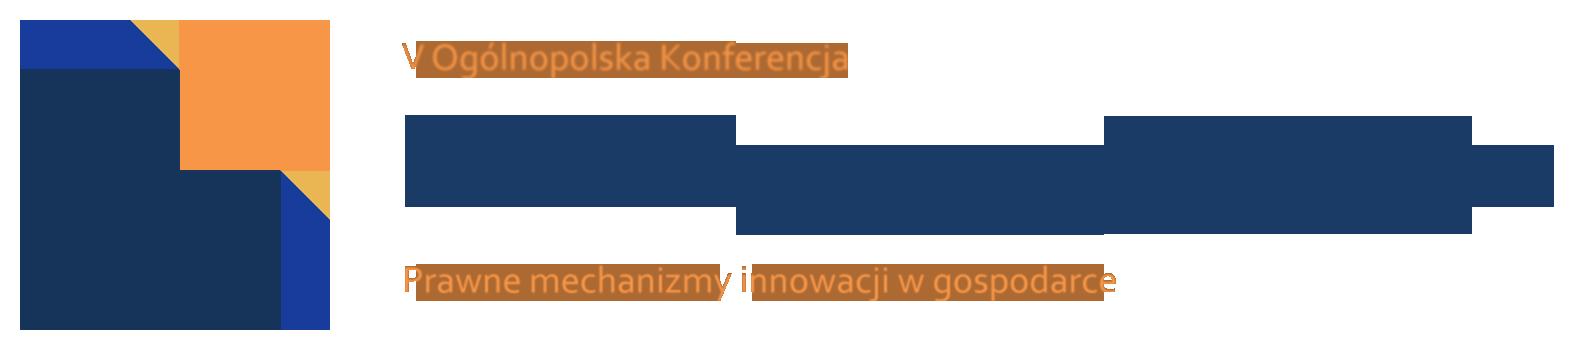 """W&W patronem konferencji """"Państwo a gospodarka"""""""